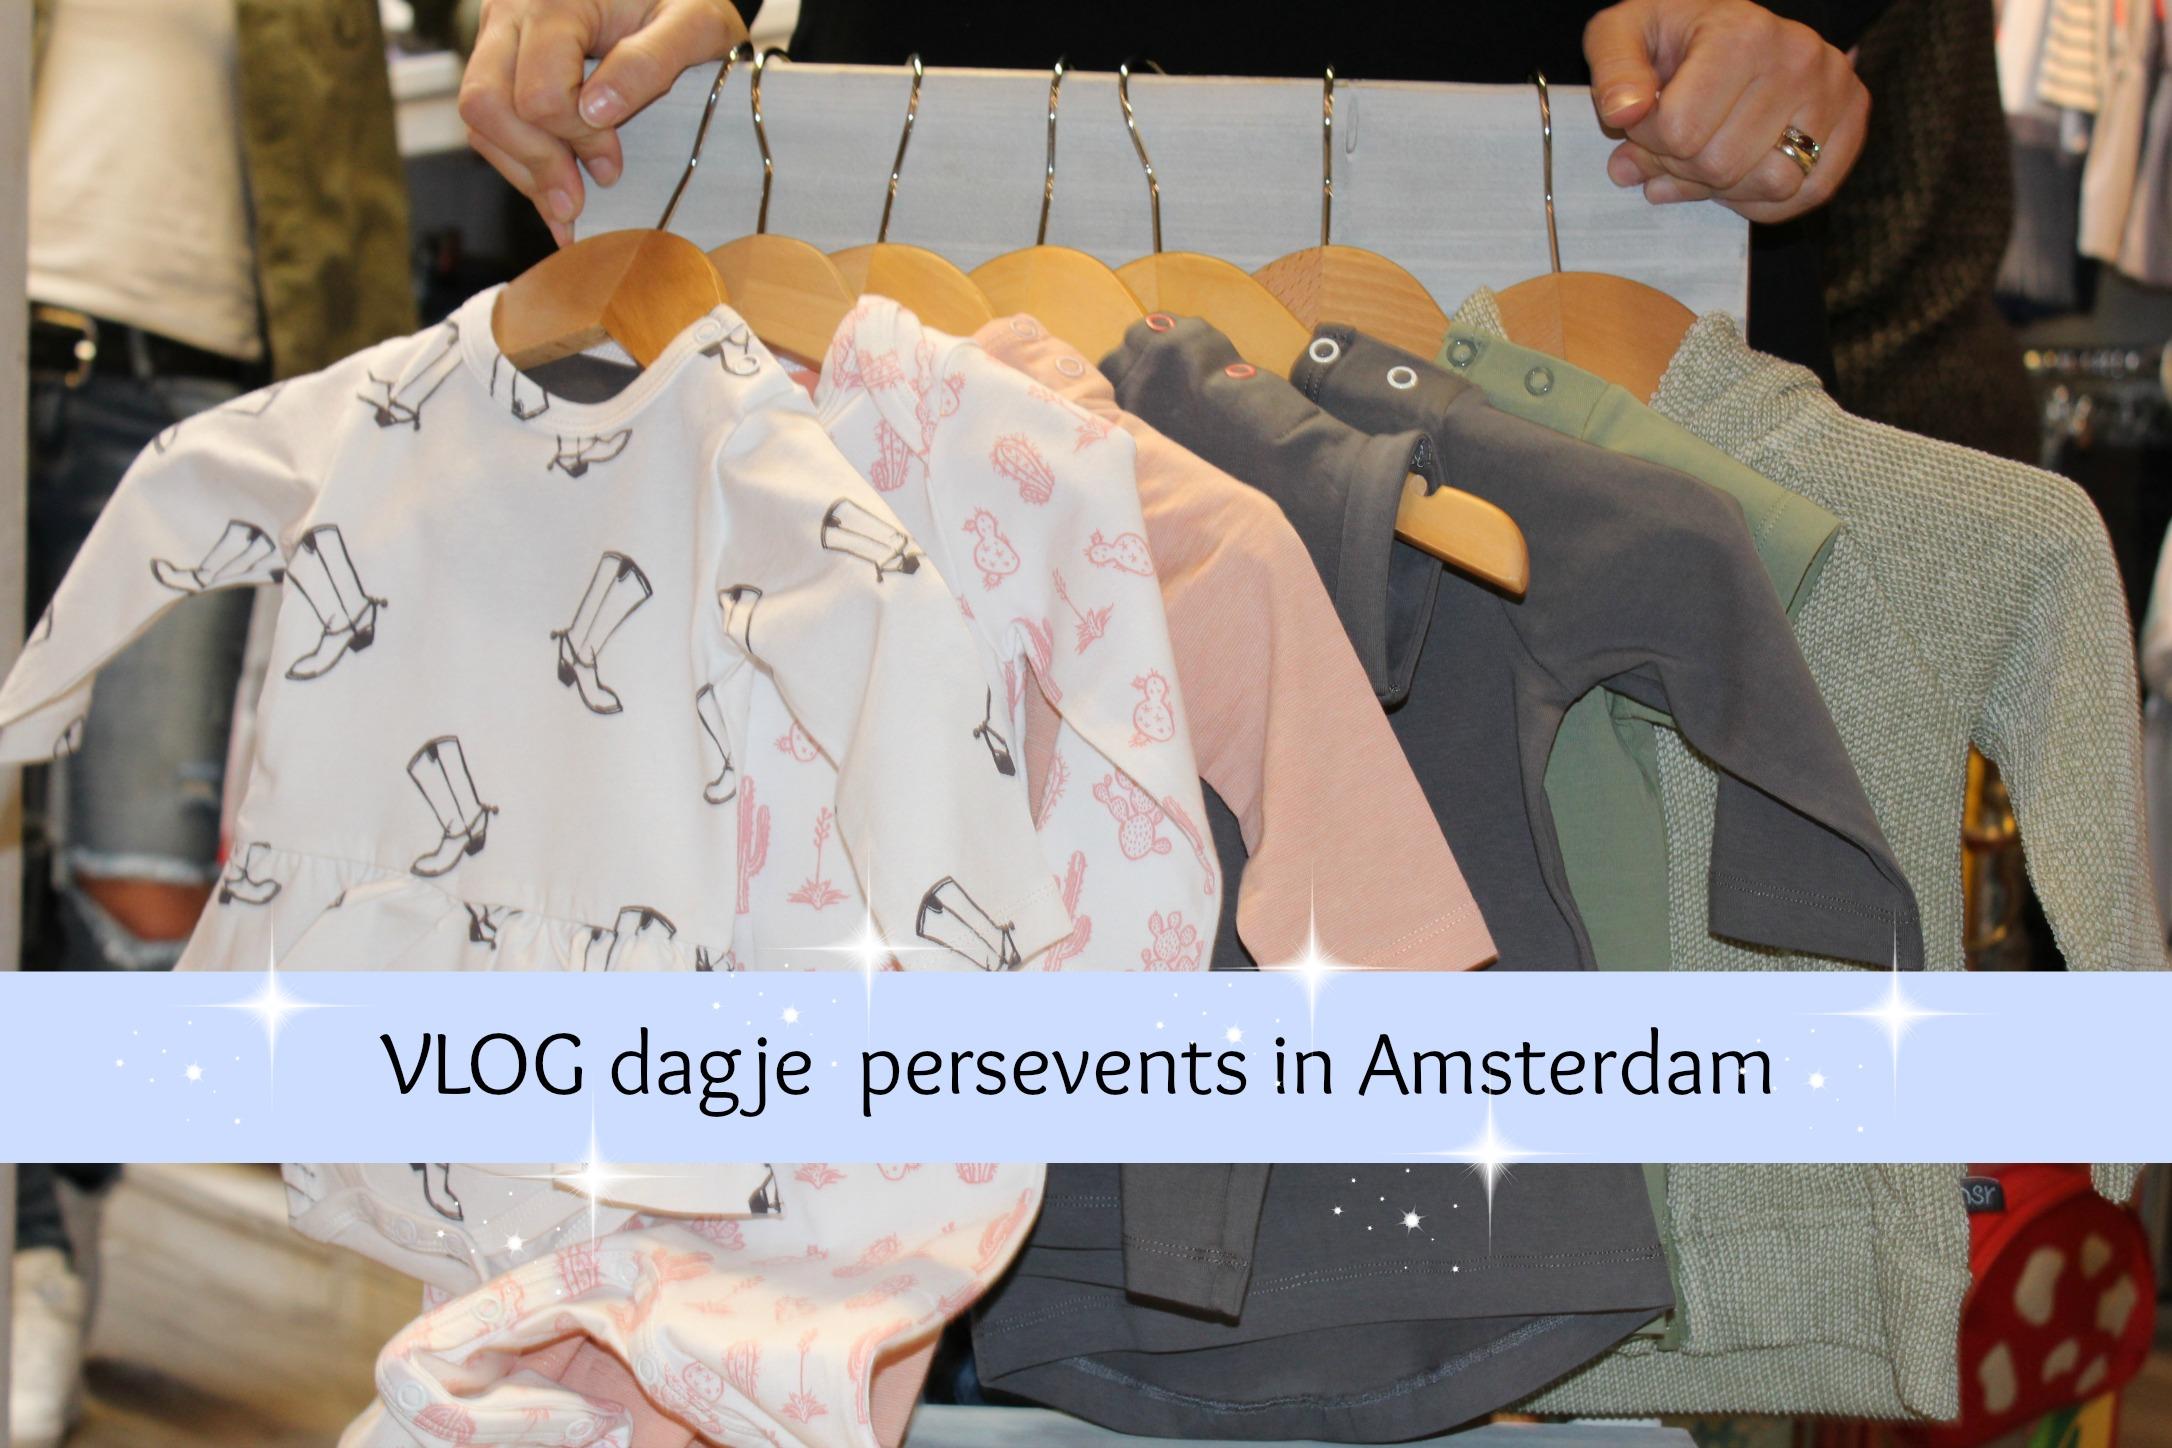 VLOG dagje persevents in Amsterdam